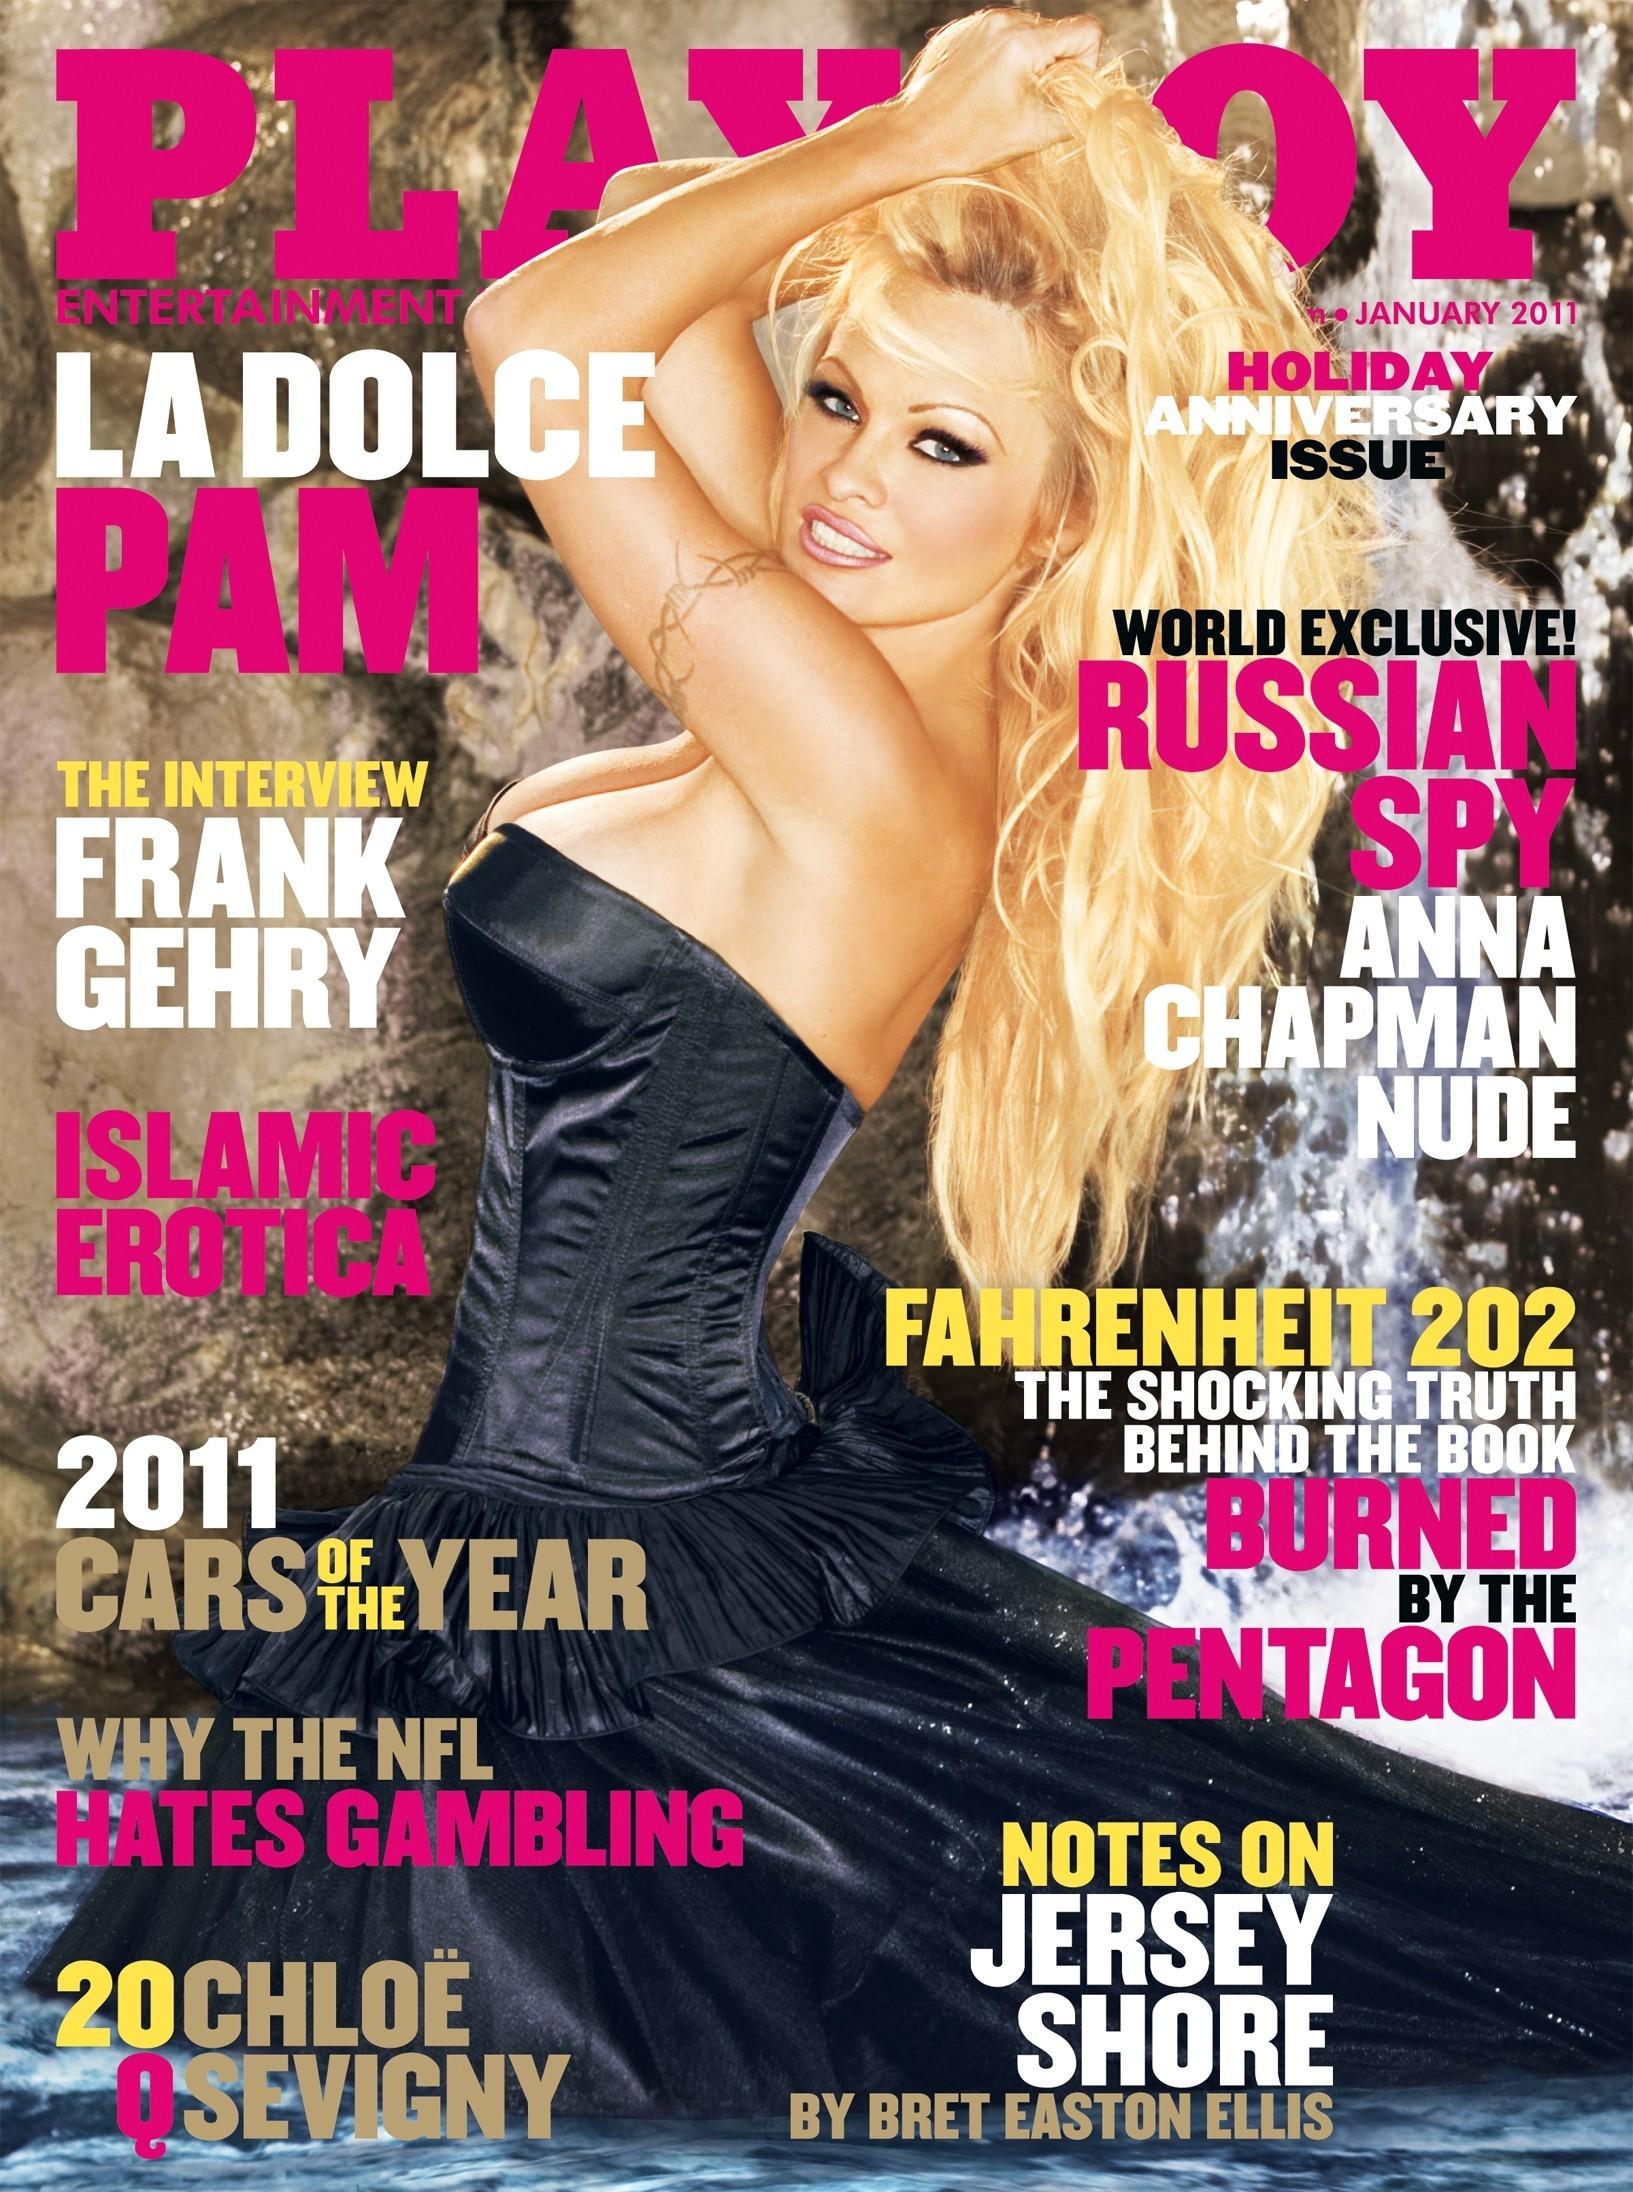 Pam Andersons Playboy Covers   Gallery   Wonderwall.com